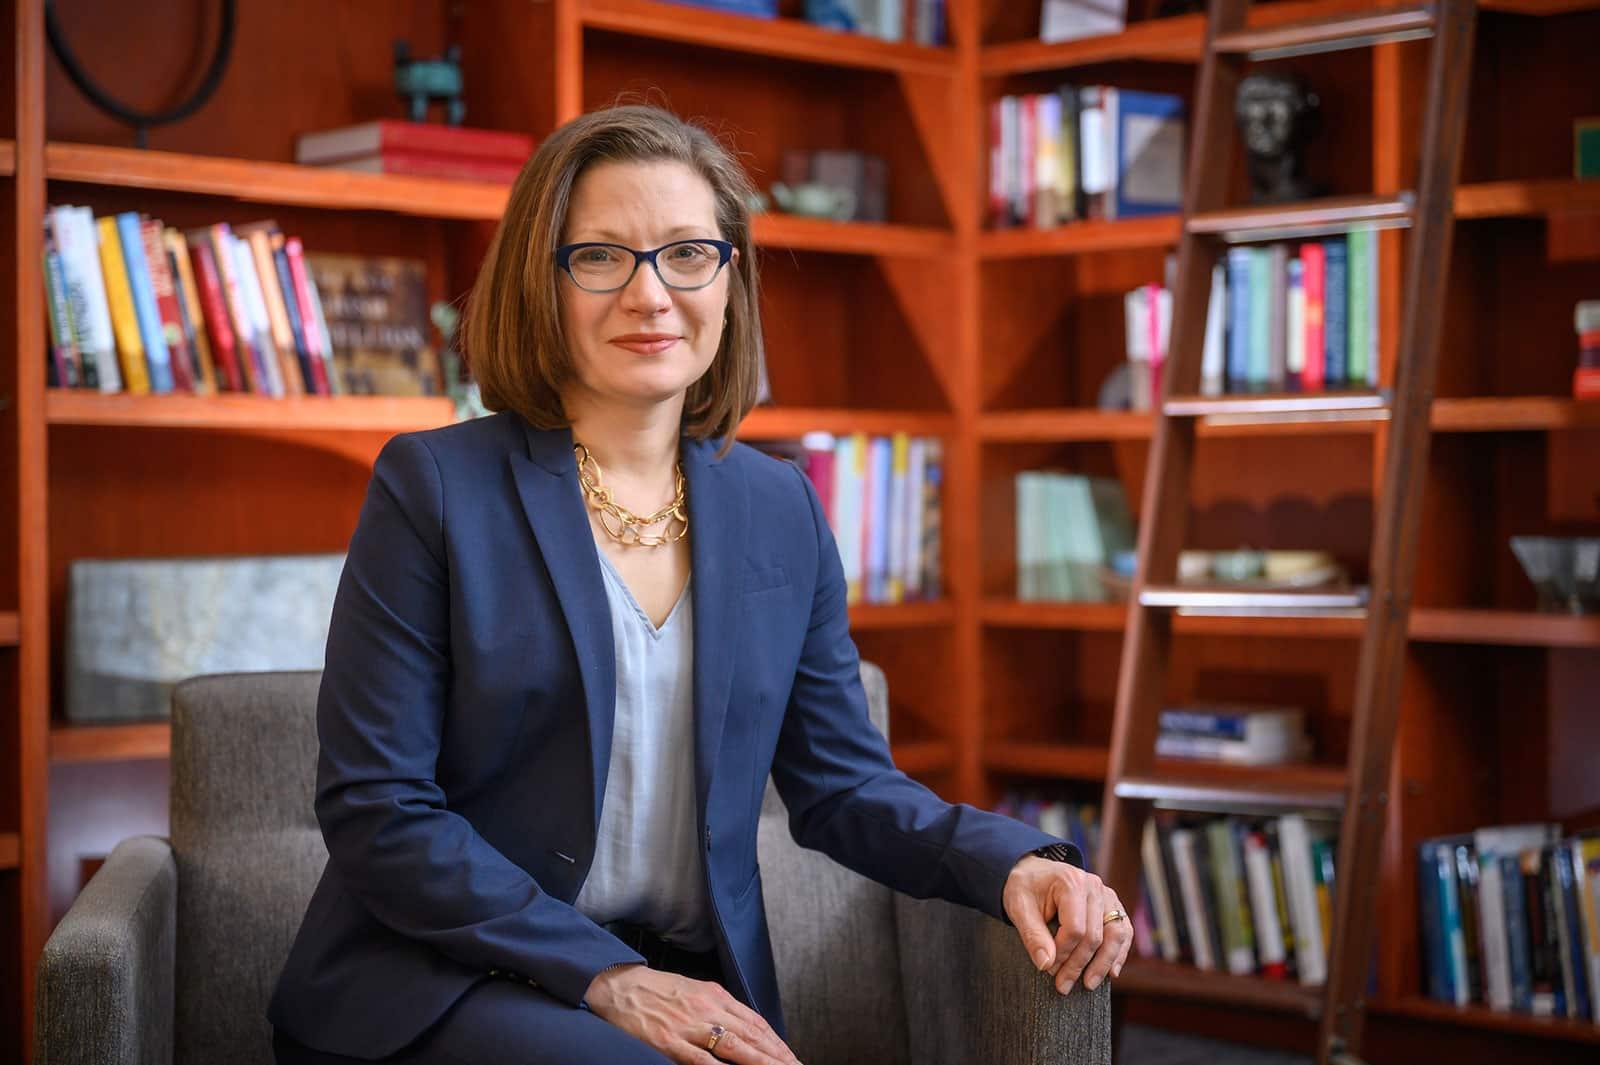 Sarah Mustillo